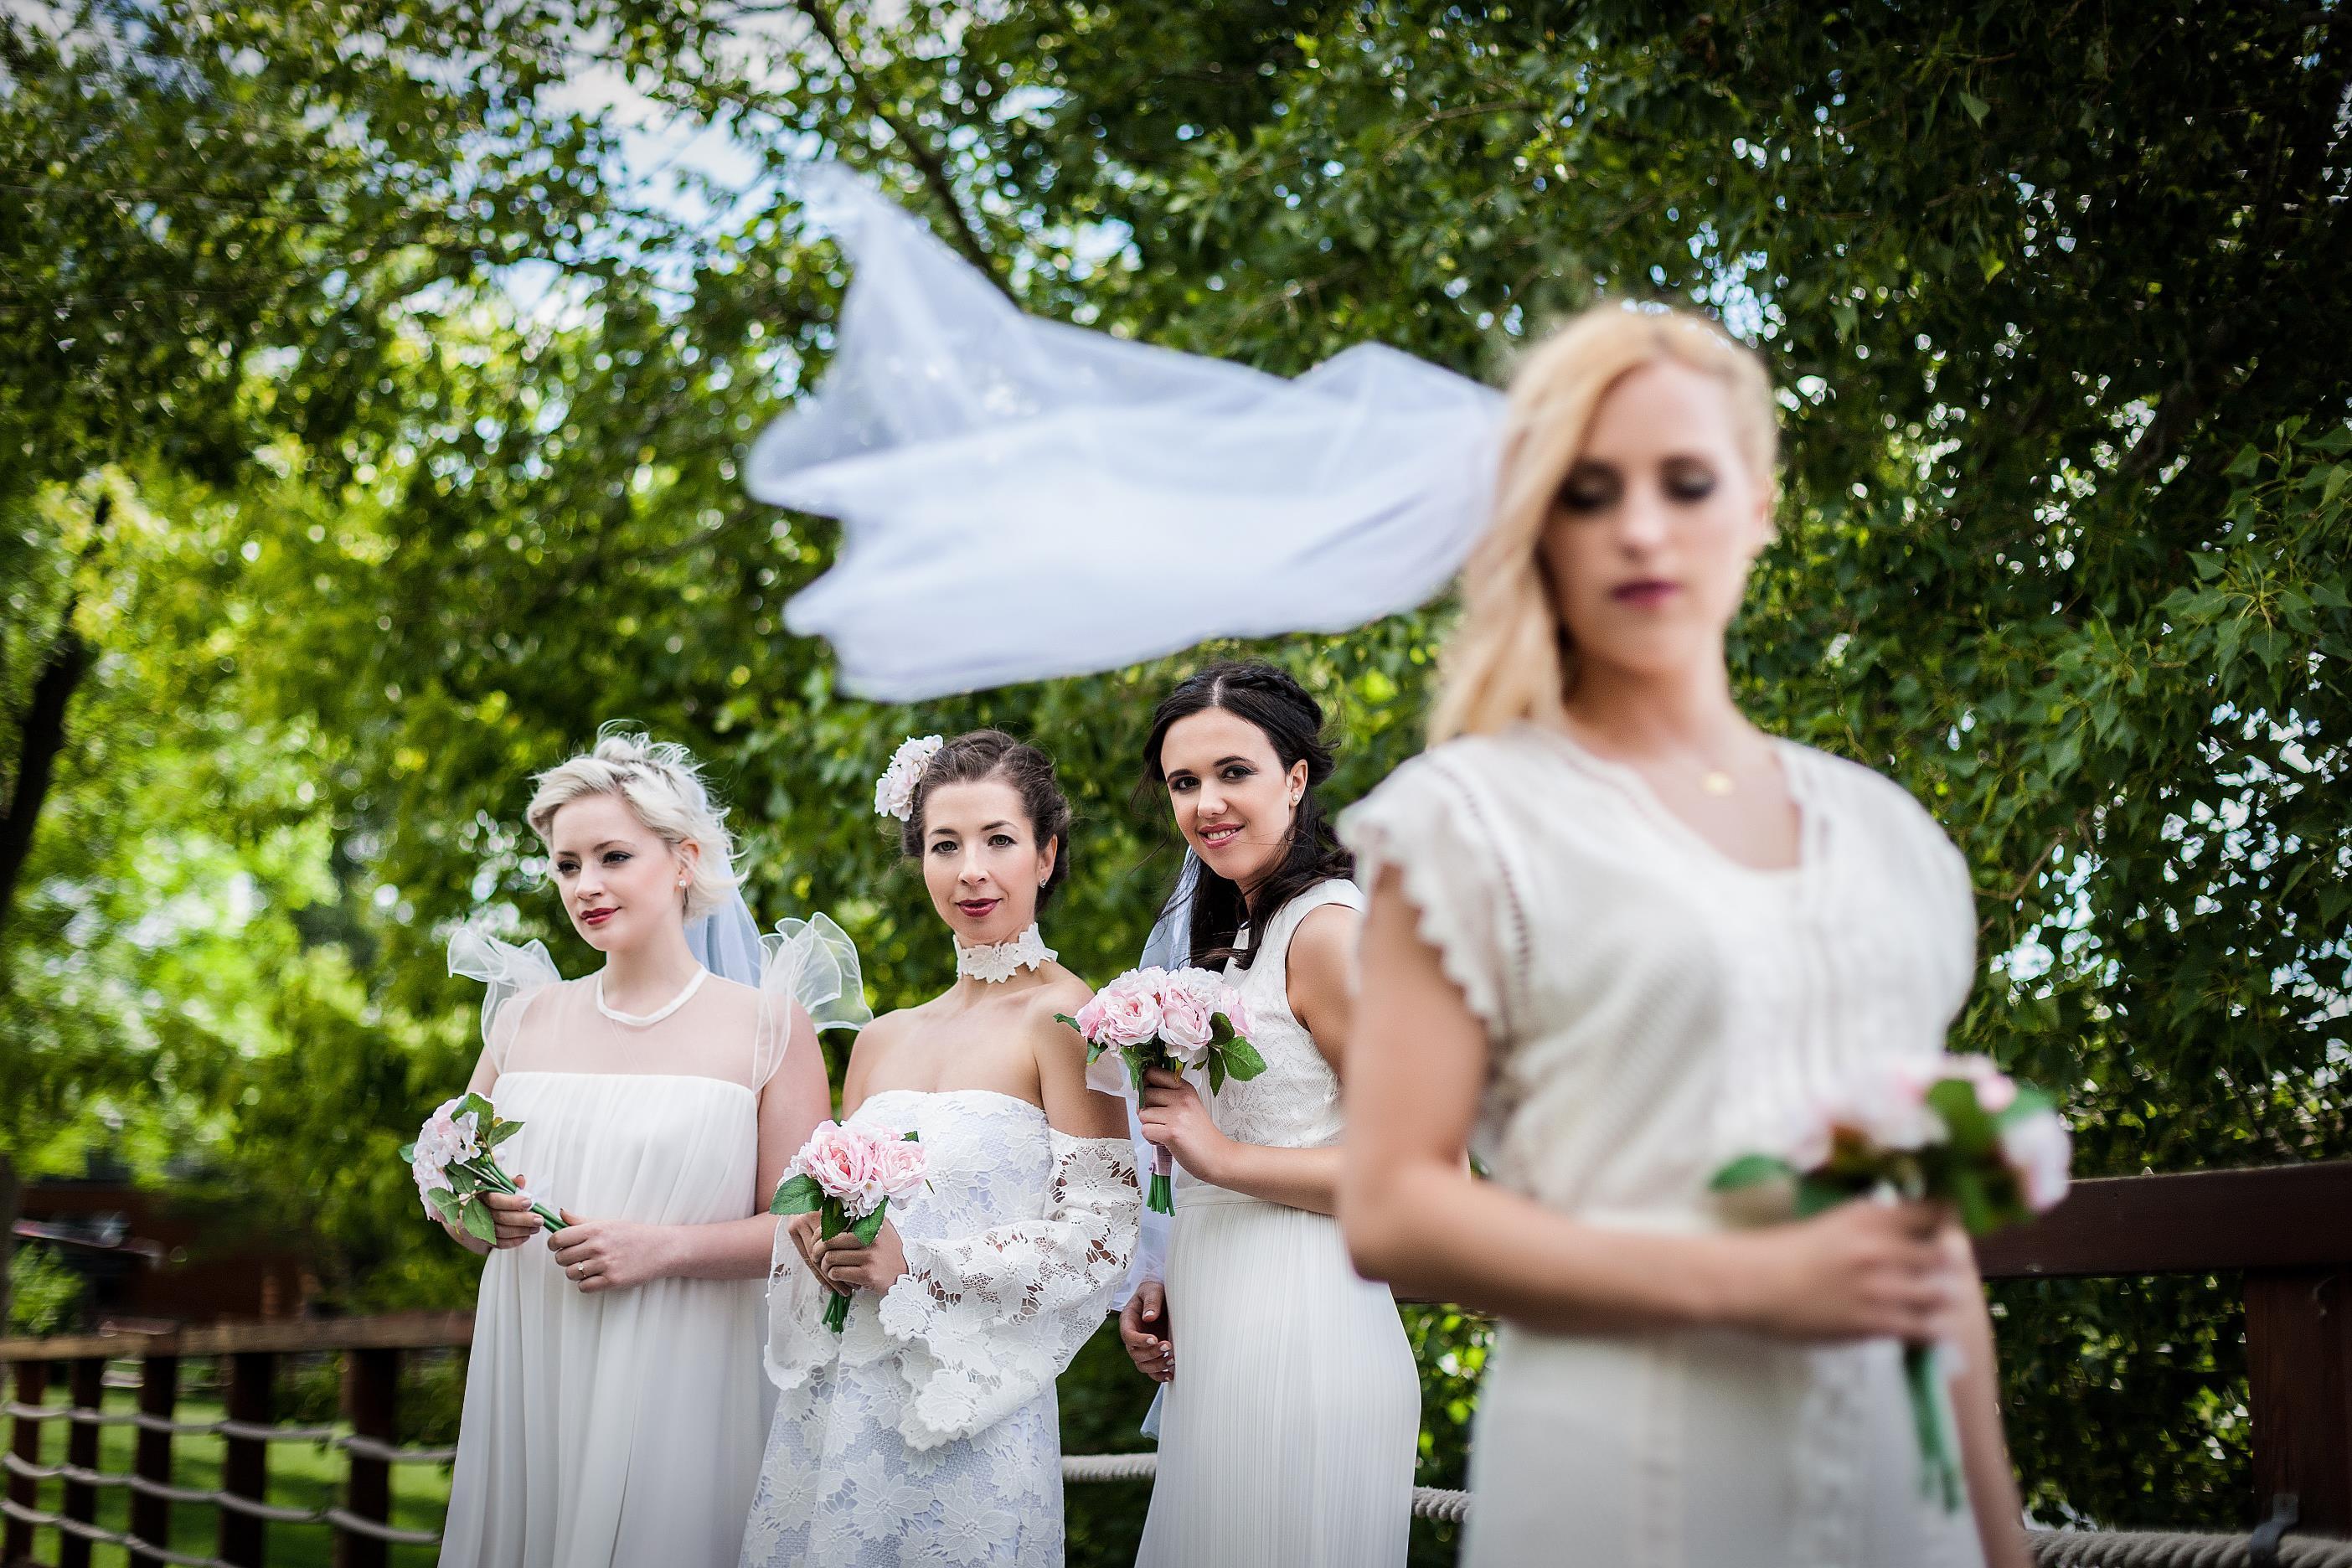 Wedding Guide - Így telt a Fashion Days webshoppal közös fotózás! -